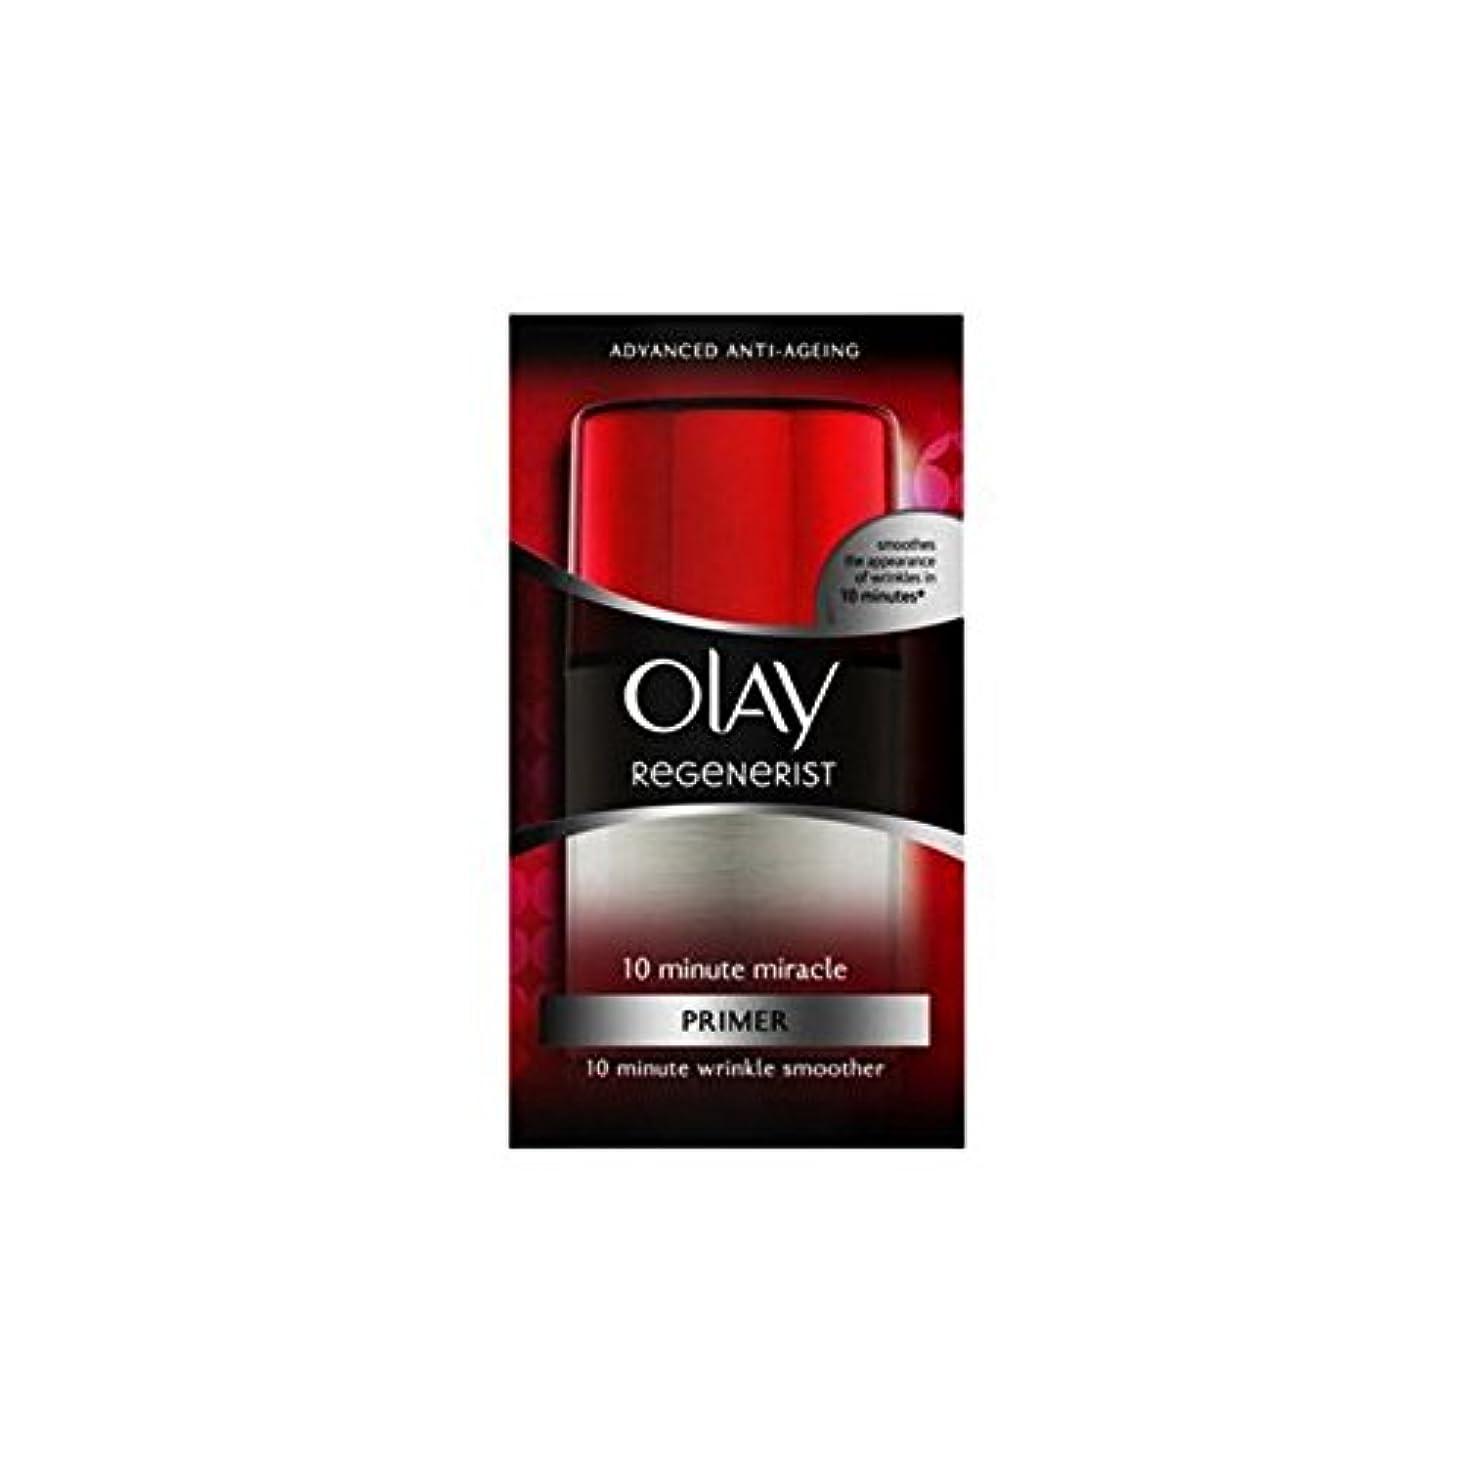 オーレイリジェネスーパー10分の奇跡顔の保湿剤(50ミリリットル) x2 - Olay Regenerist Super 10 Minute Miracle Facial Moisturiser (50ml) (Pack...